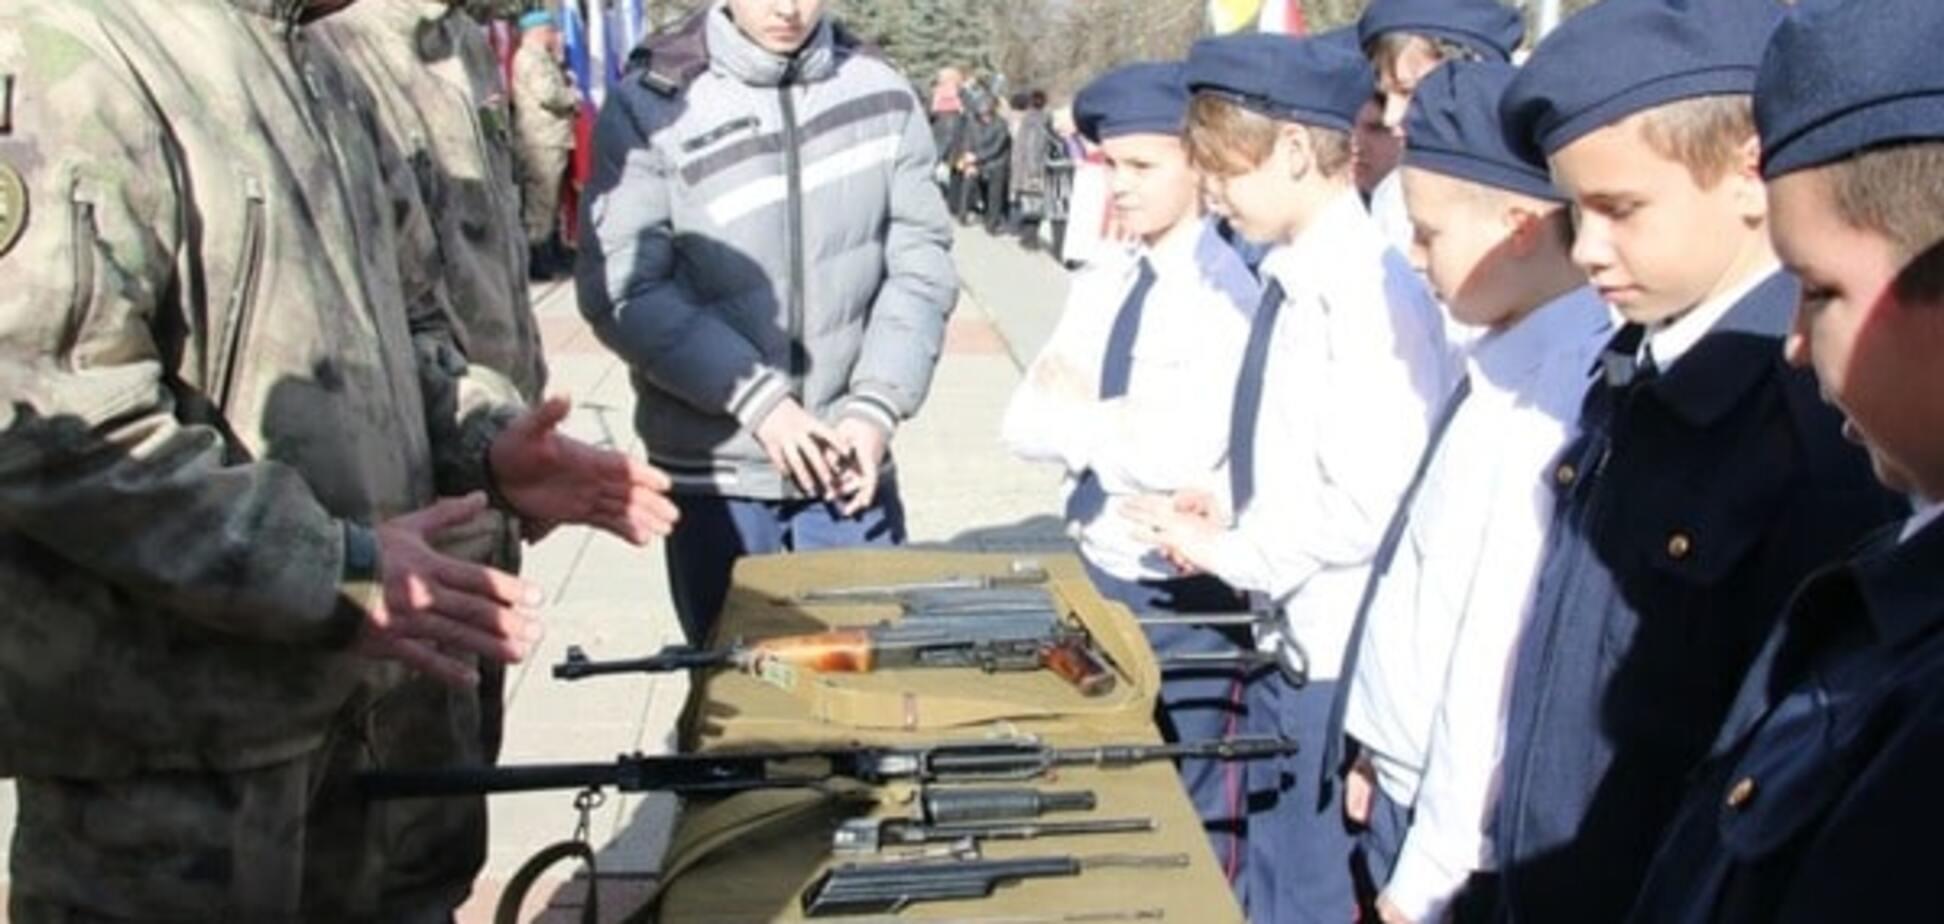 23 лютого в Криму молилися і вчили дітей збирати автомати - ЗМІ